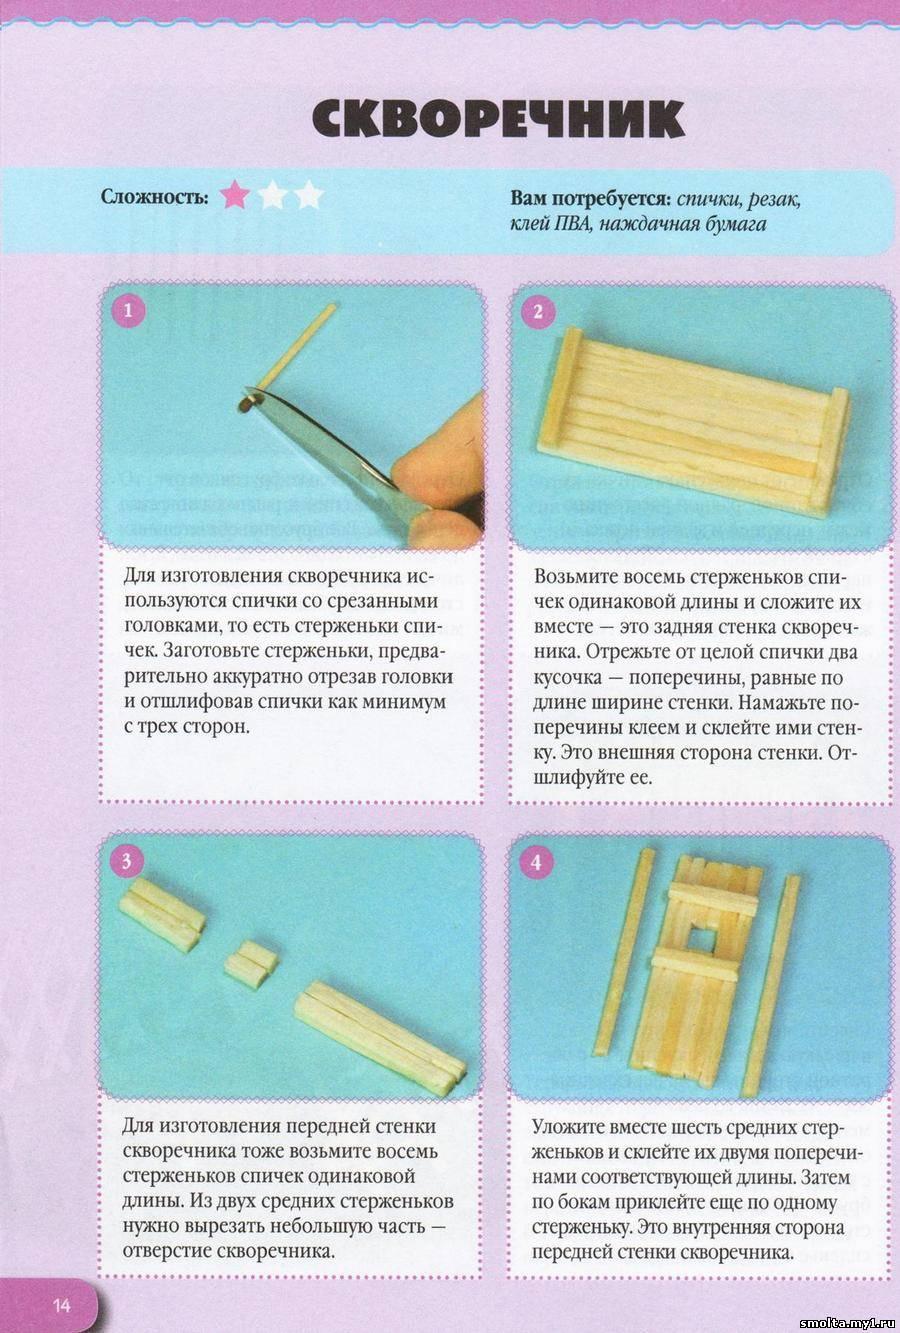 Как сделать домик из спичек своими руками без клея инструкция